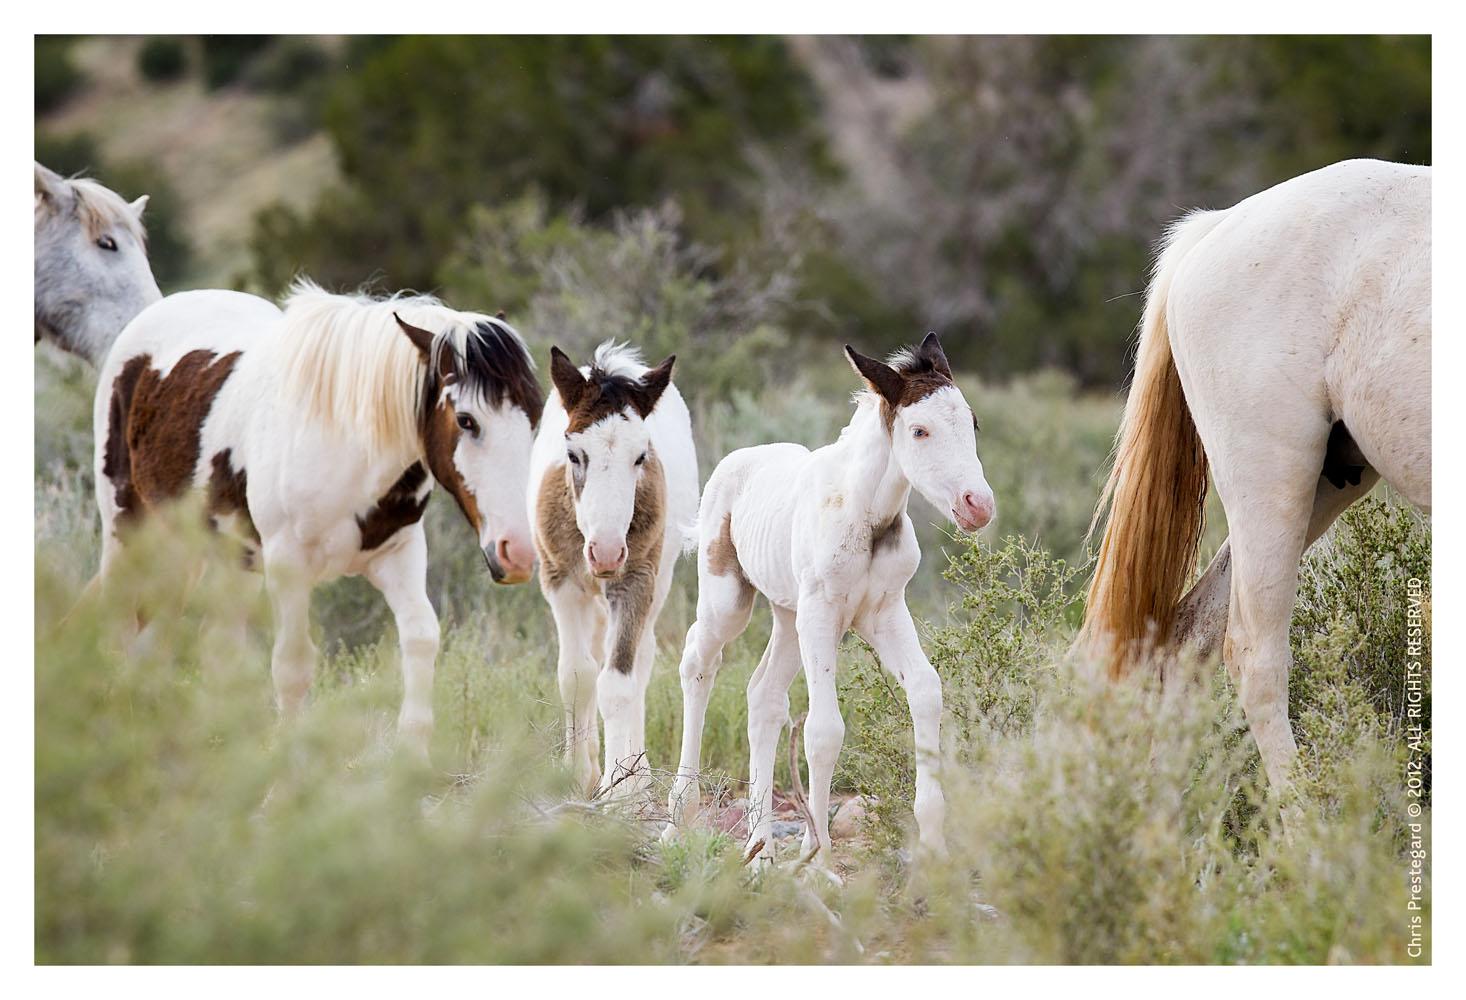 Horse6857_Jan31-2012